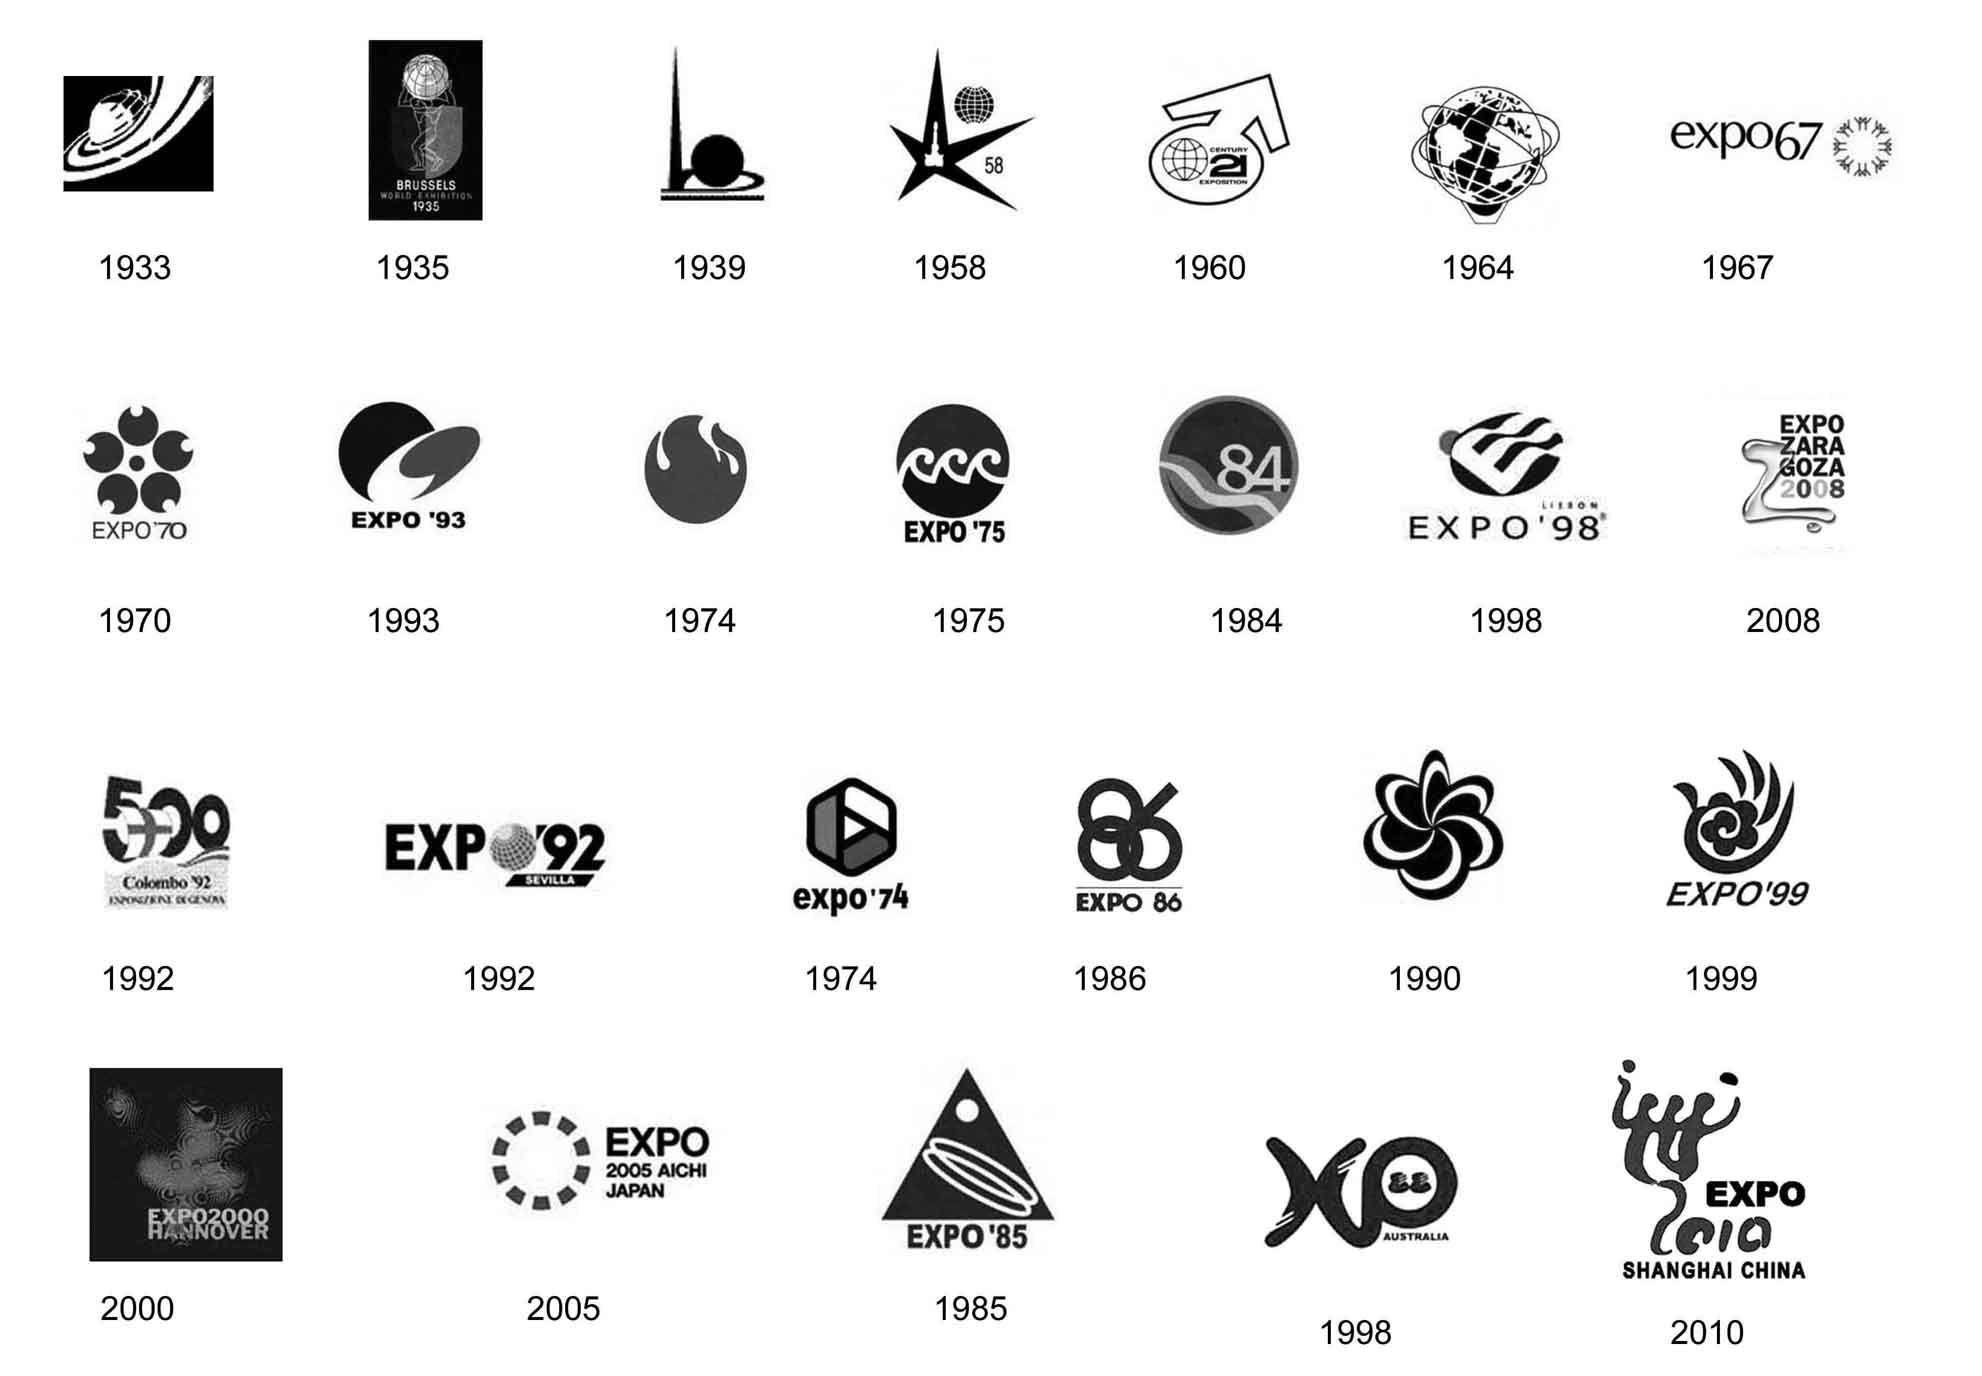 世博会主题与标志设计探析